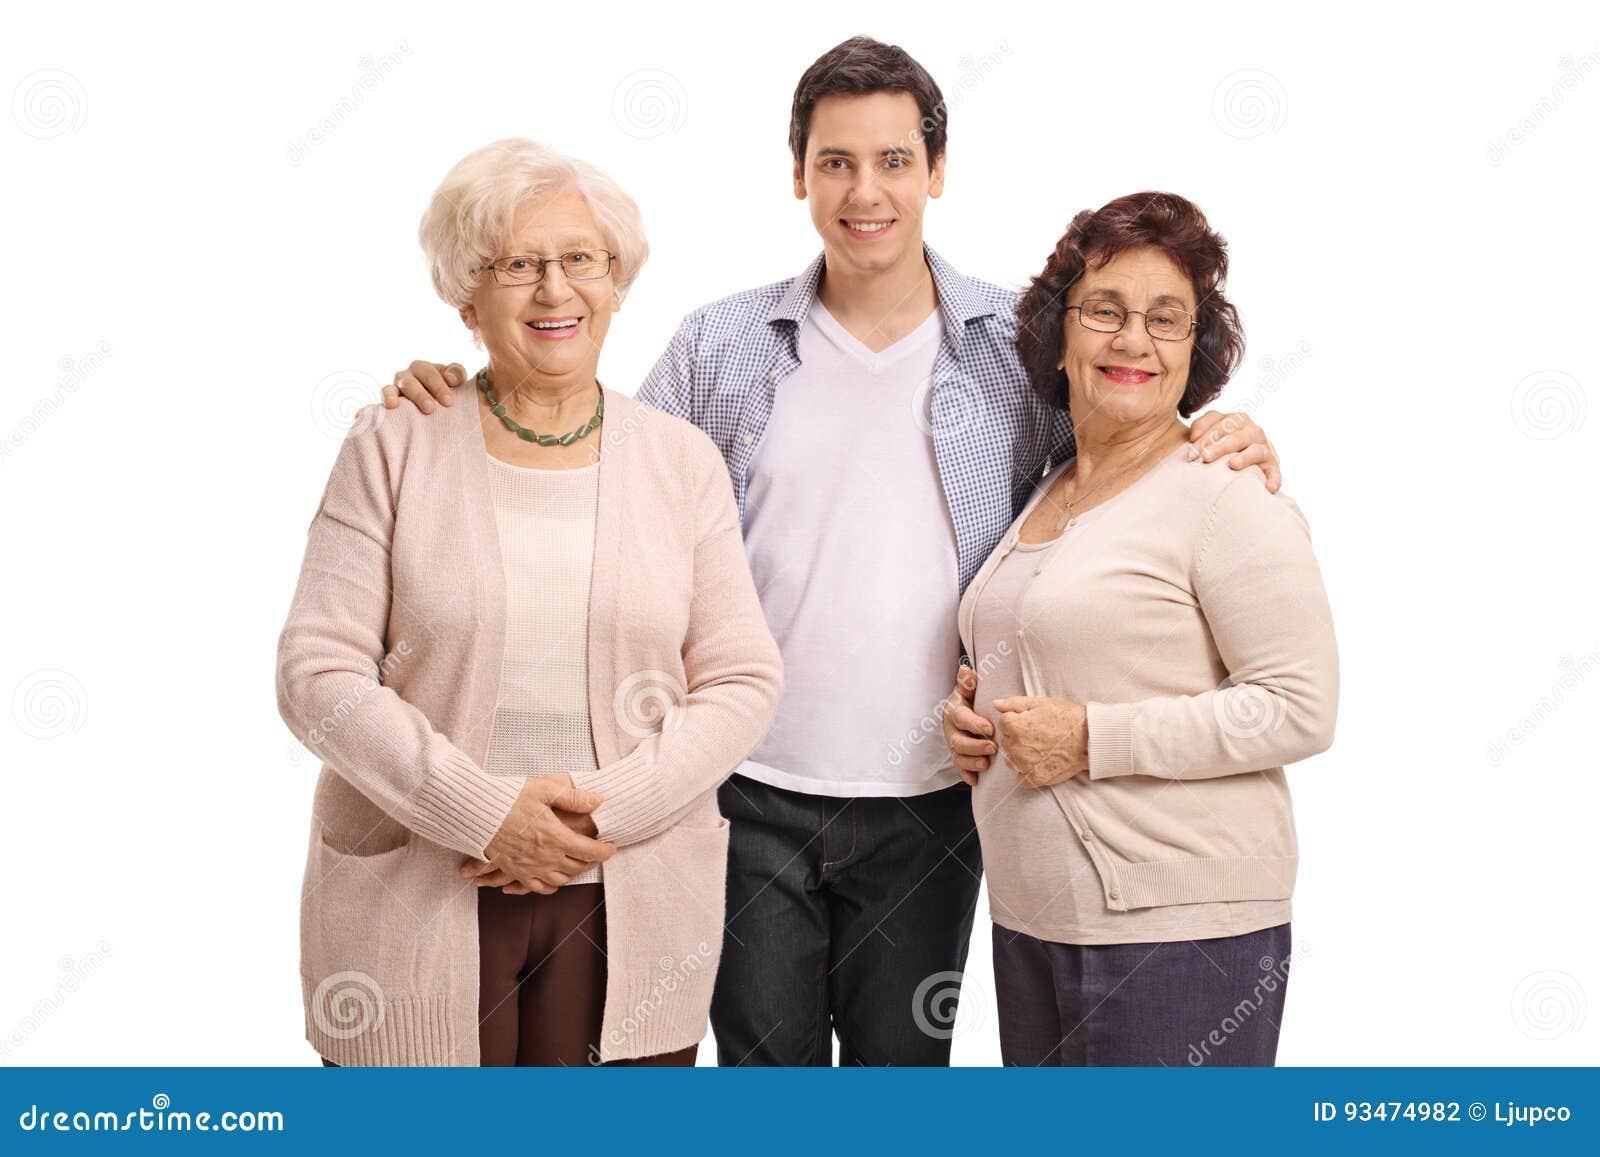 Frauen ältere junge männer Partnerschaft: Wenn